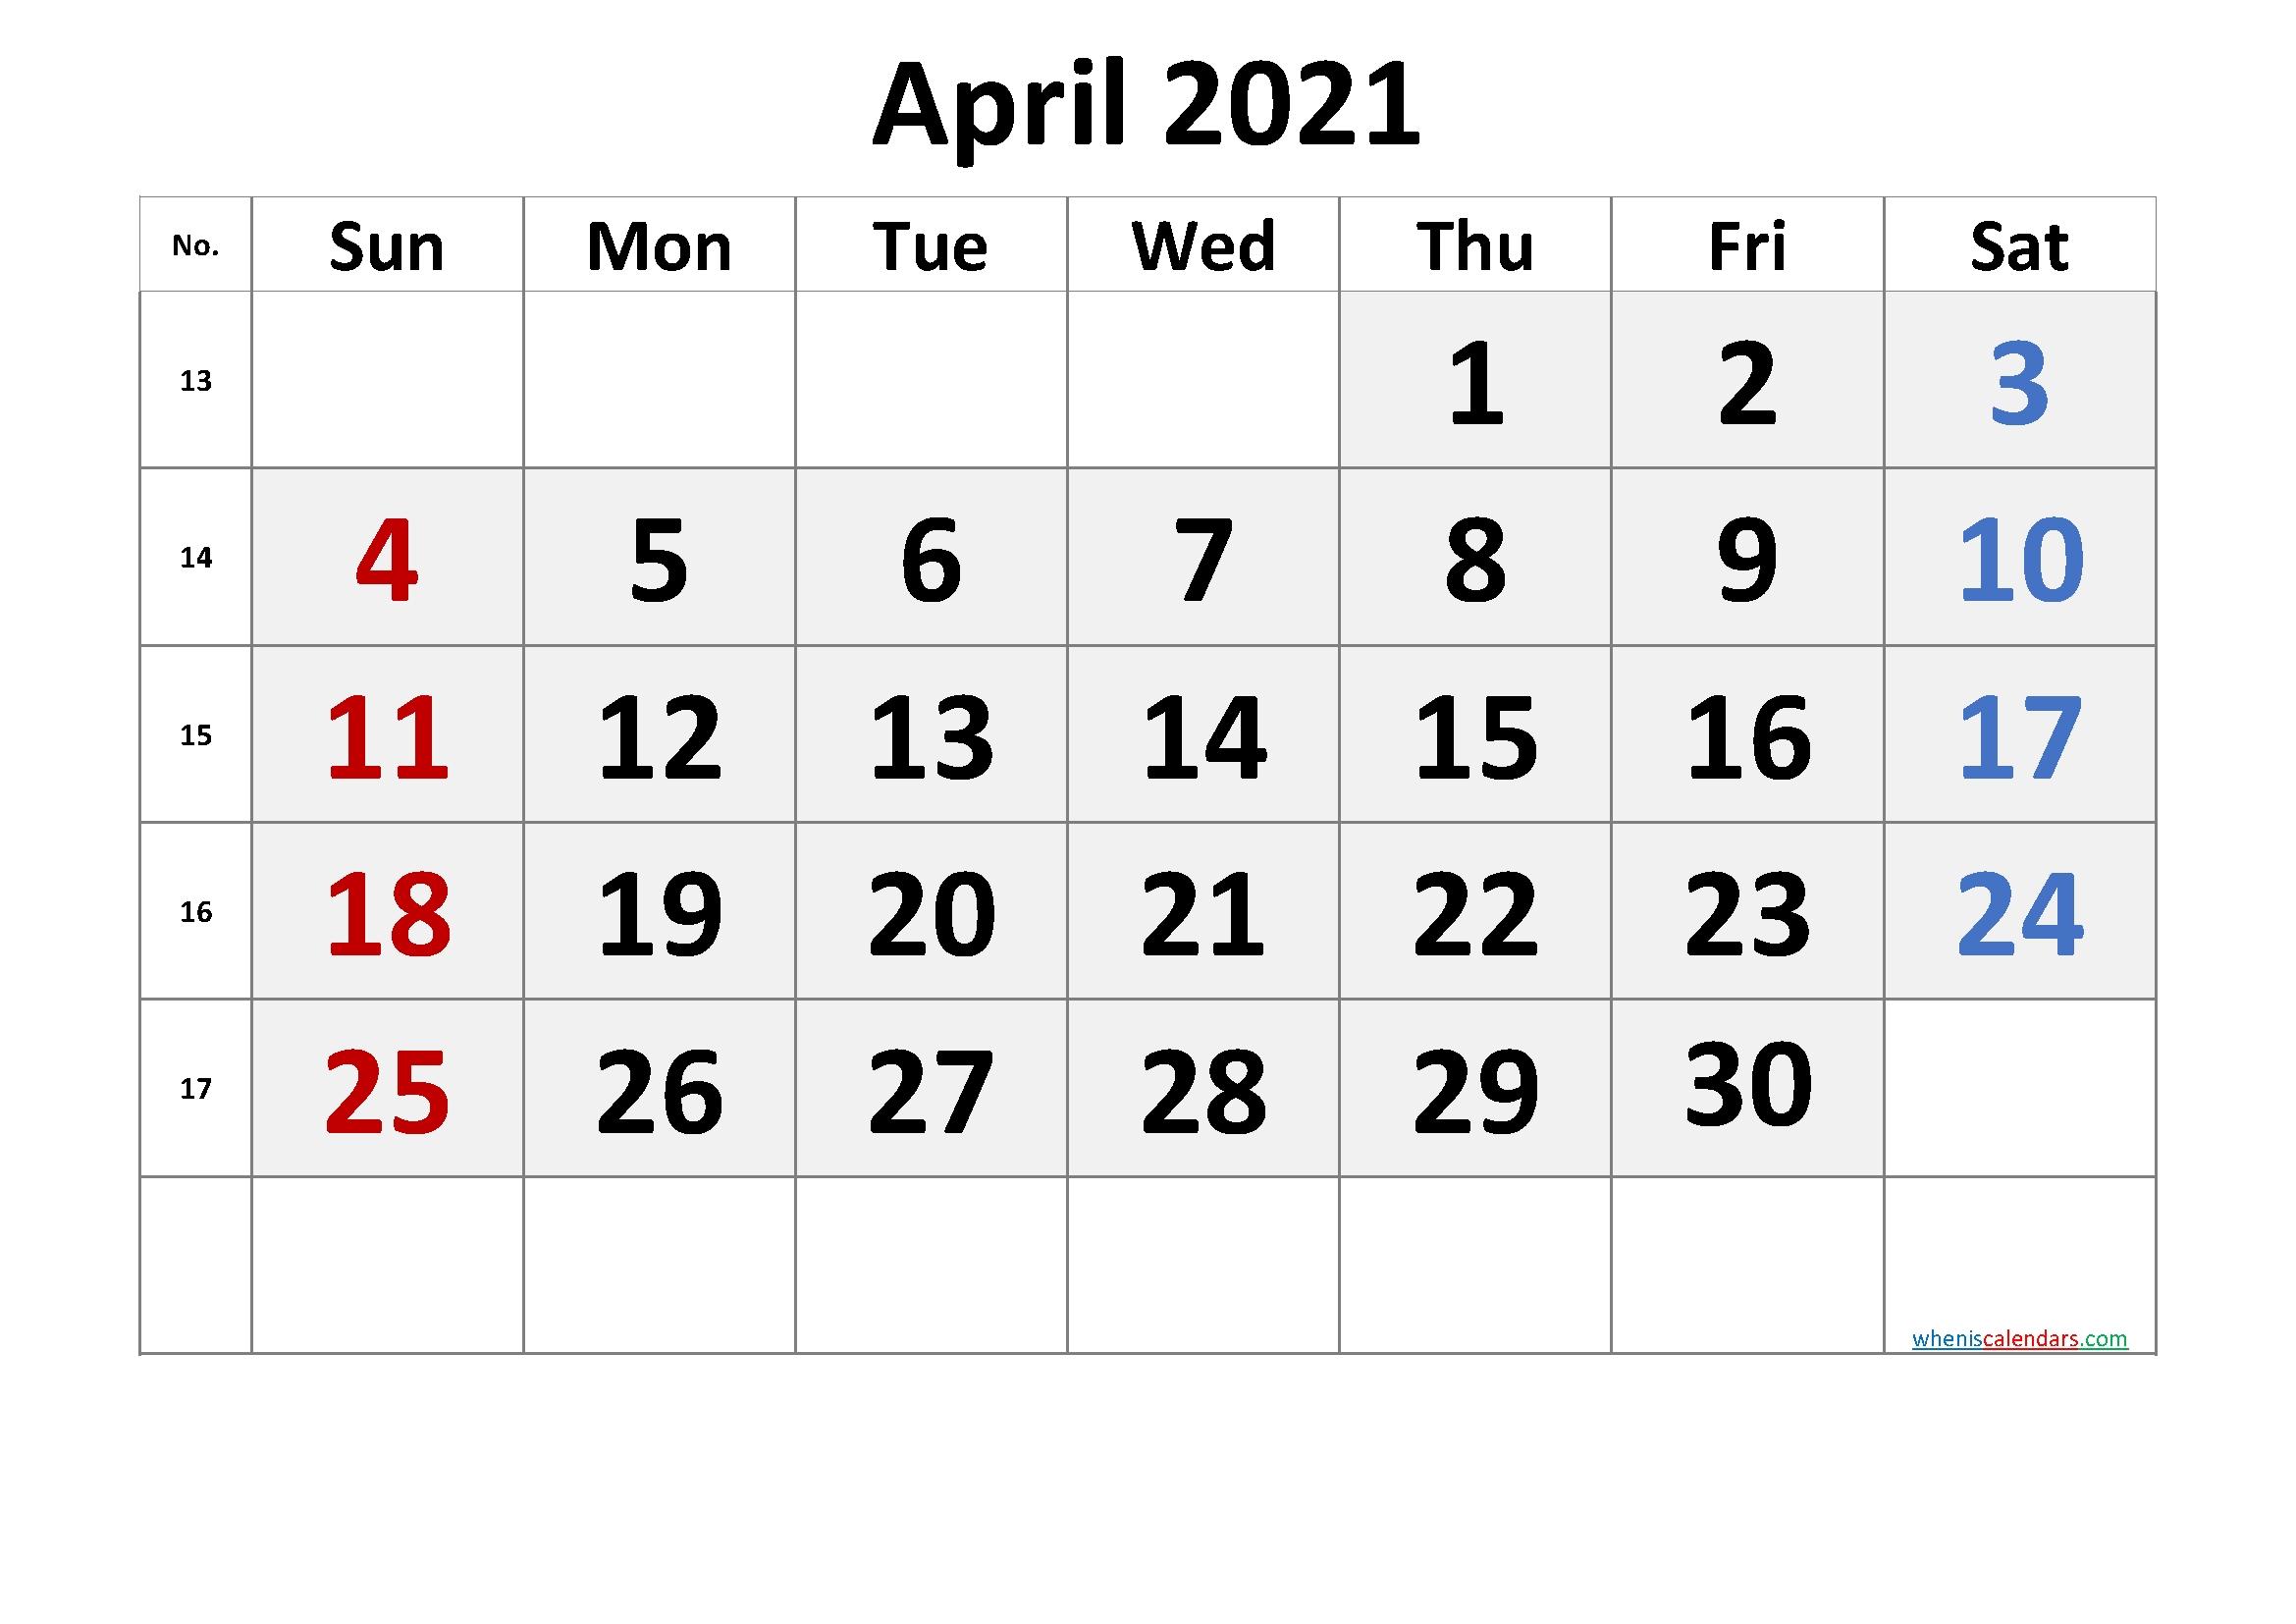 2021 Calendar With Week Number Printable Free : Week Numbers 2021 With Excel Word And Pdf with regard to Printable Weekly Calendar 2021